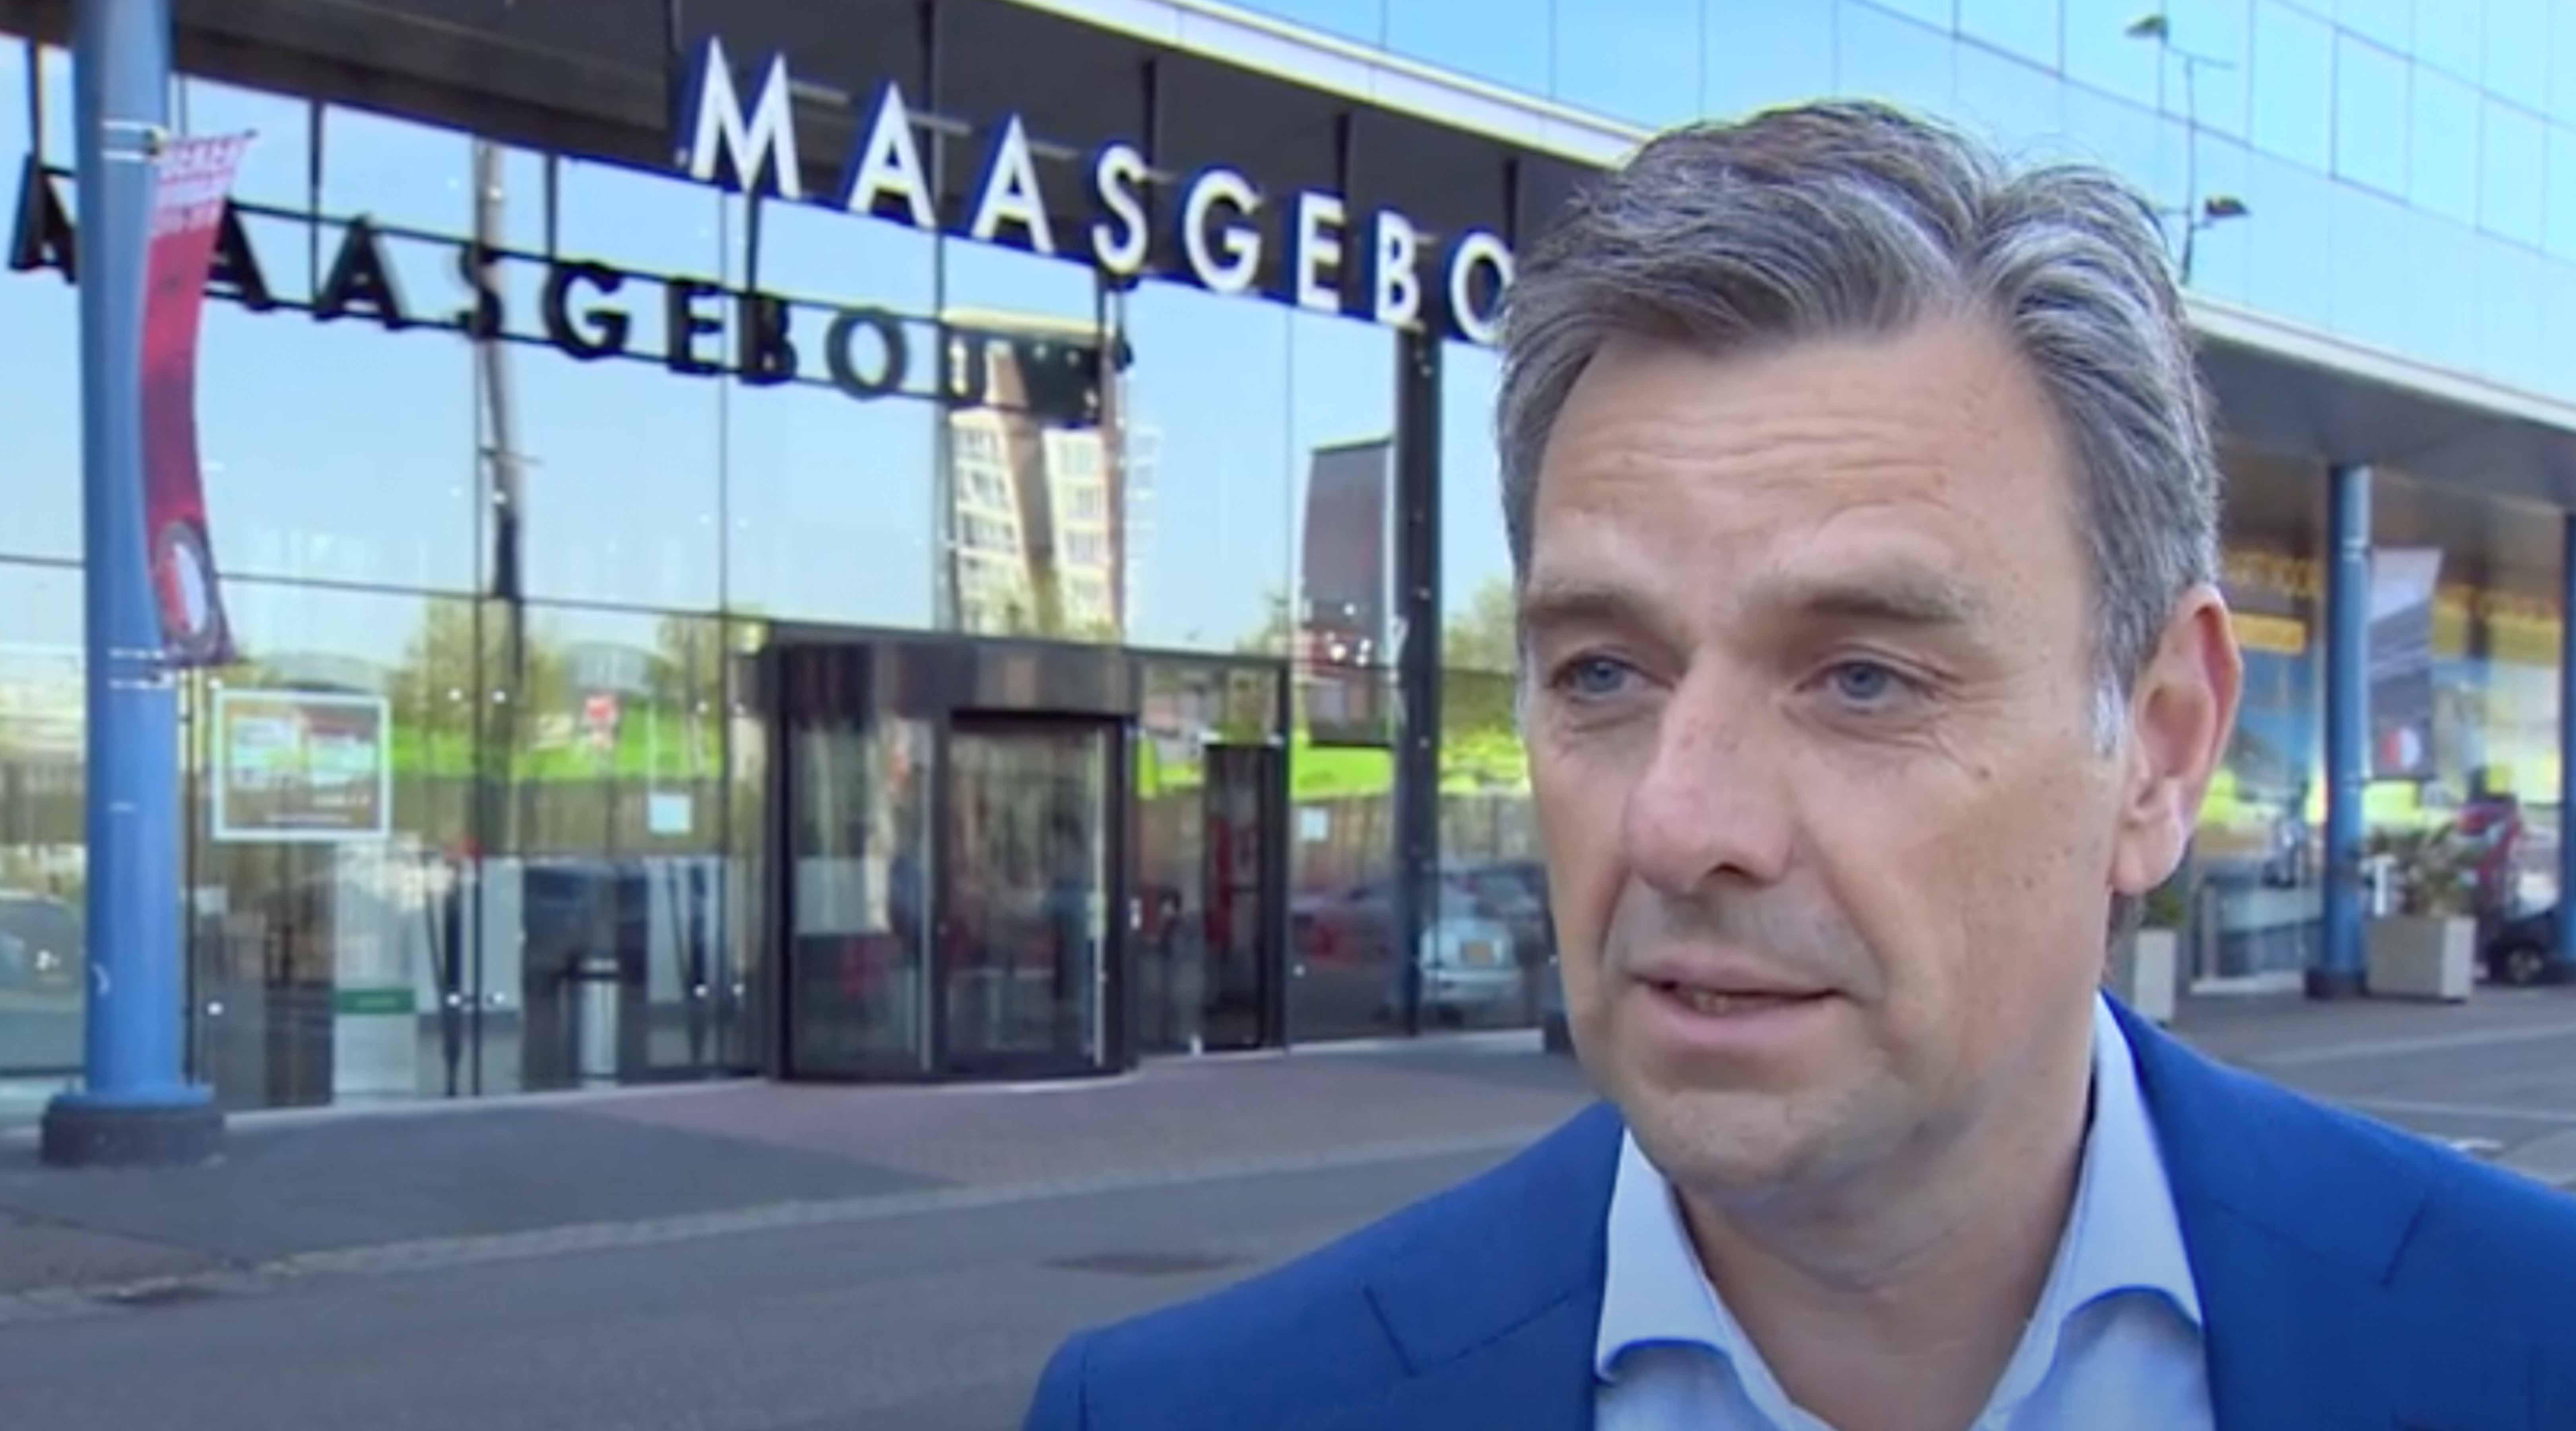 Feyenoord teleurgesteld in binnendringende supporters